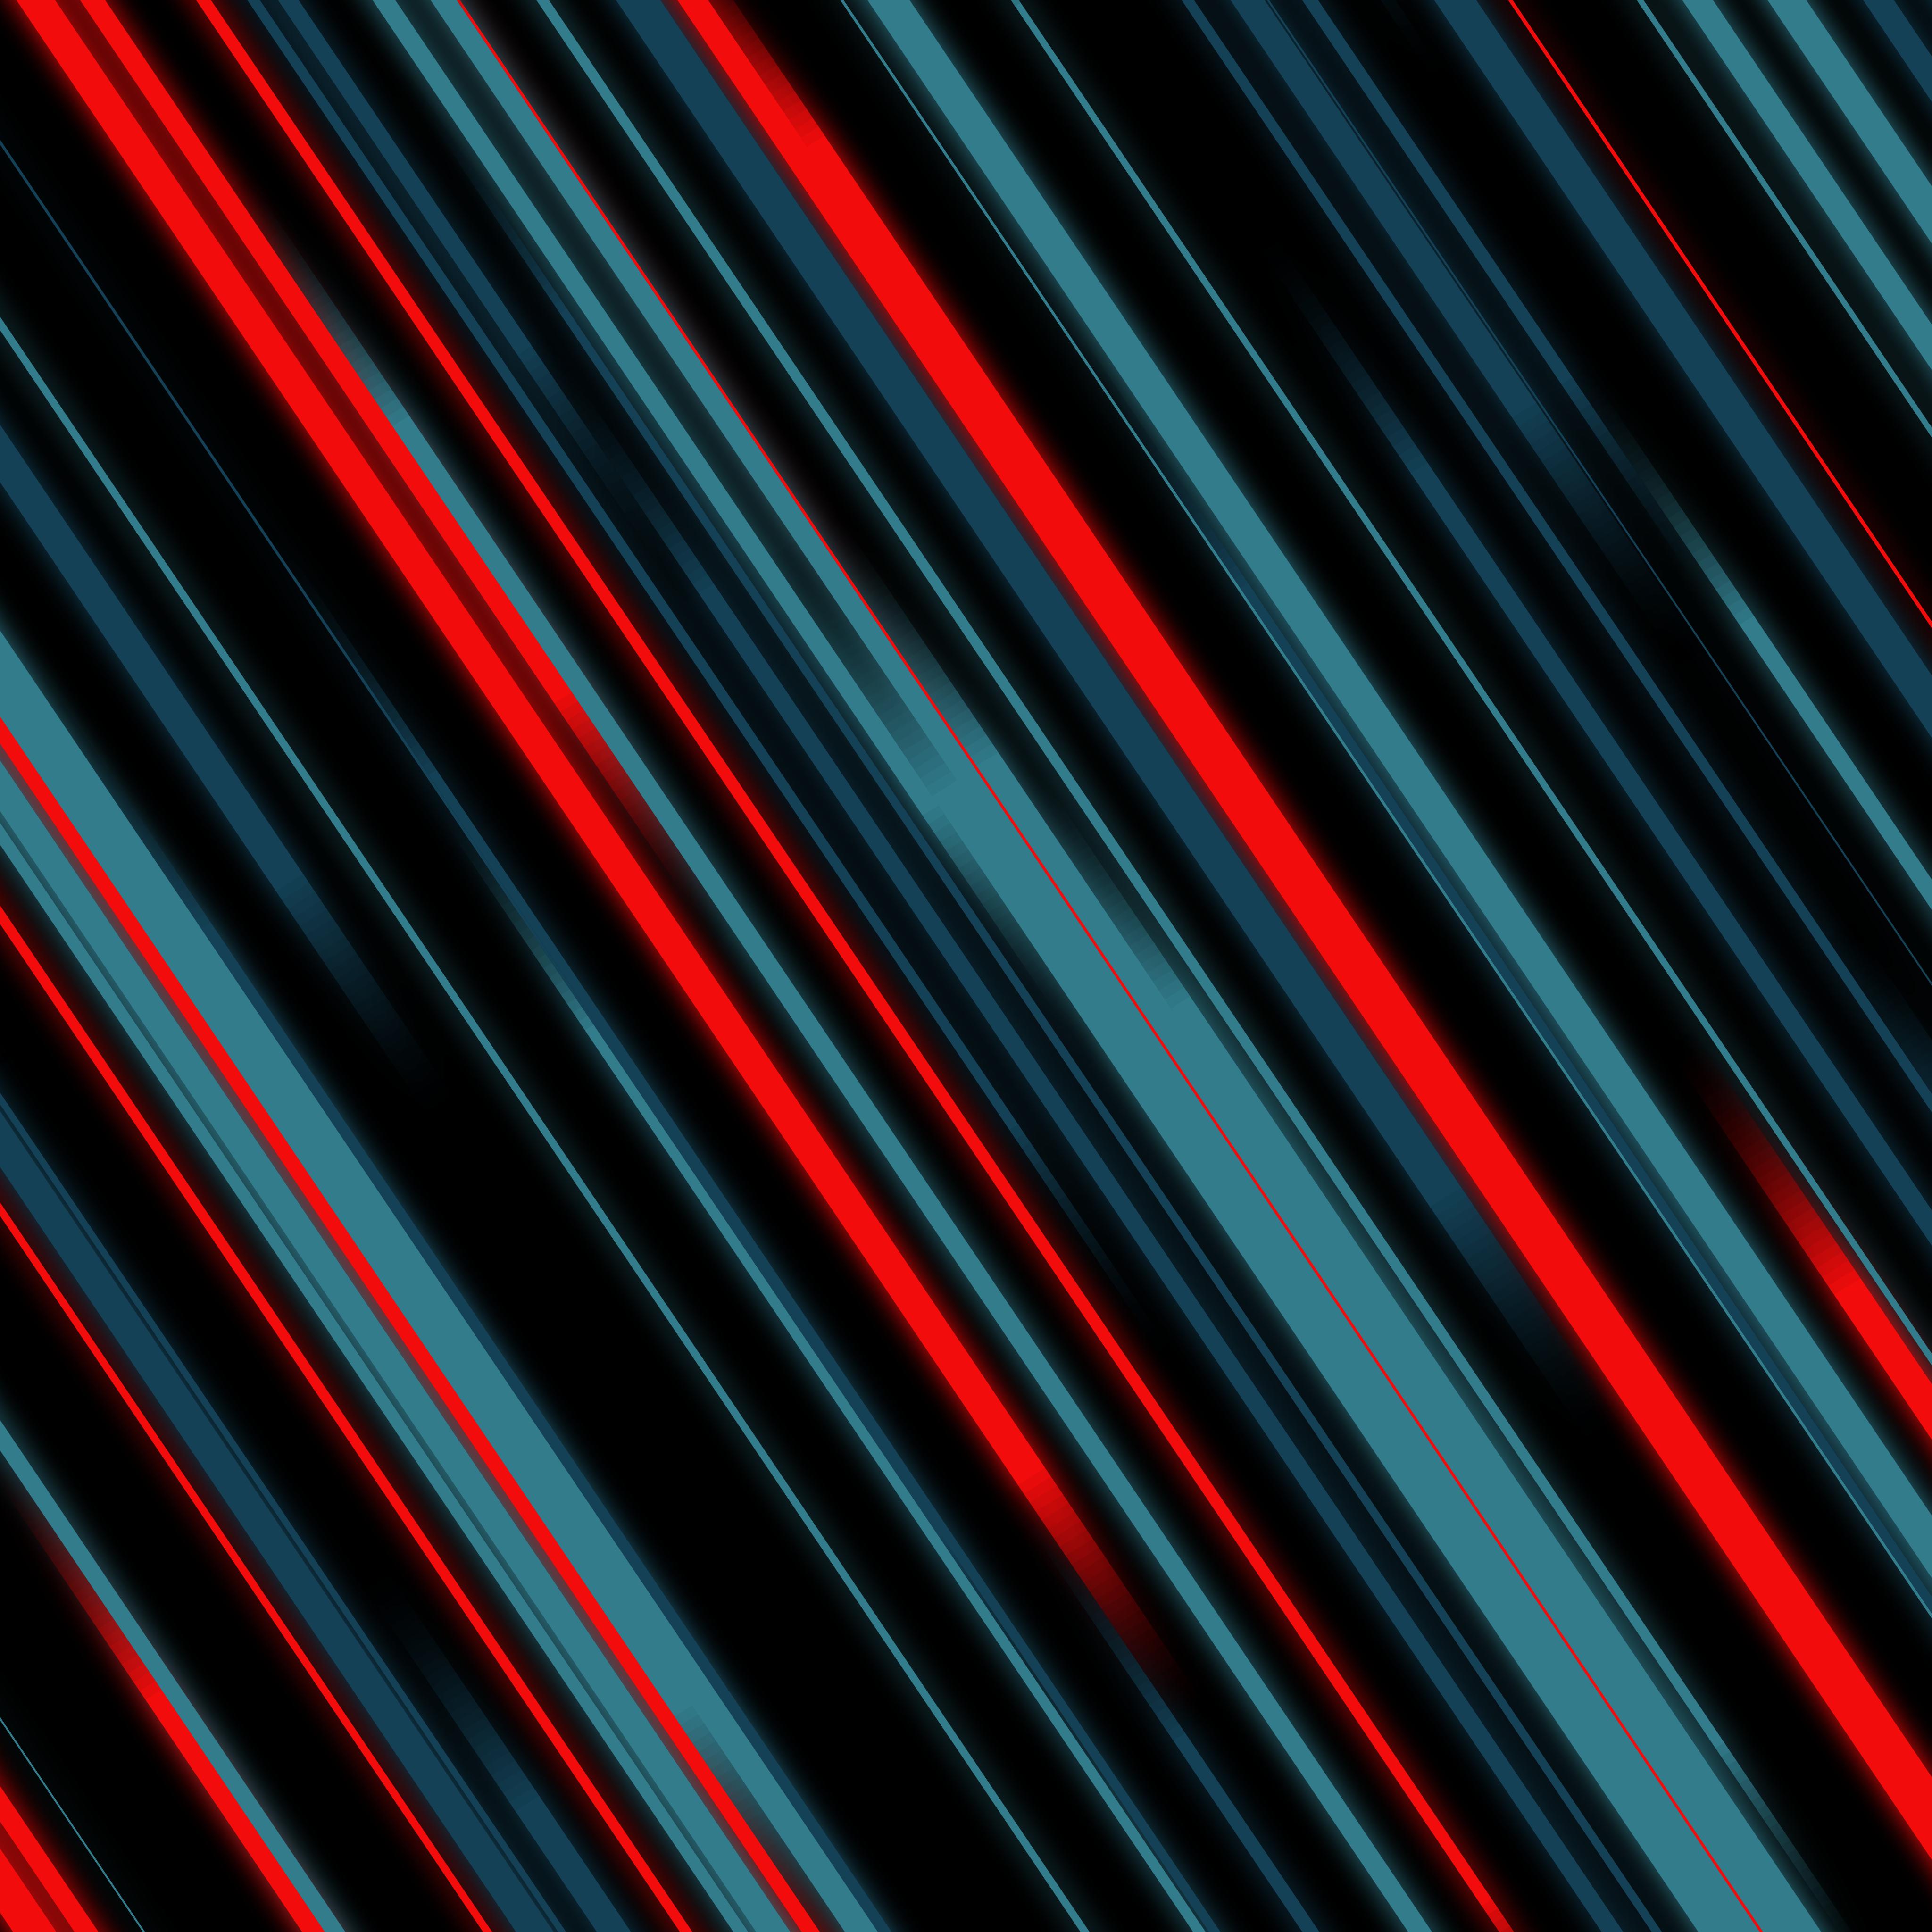 Fondos De Pantalla : Vistoso, Neón, Rojo, Azul, Sencillo